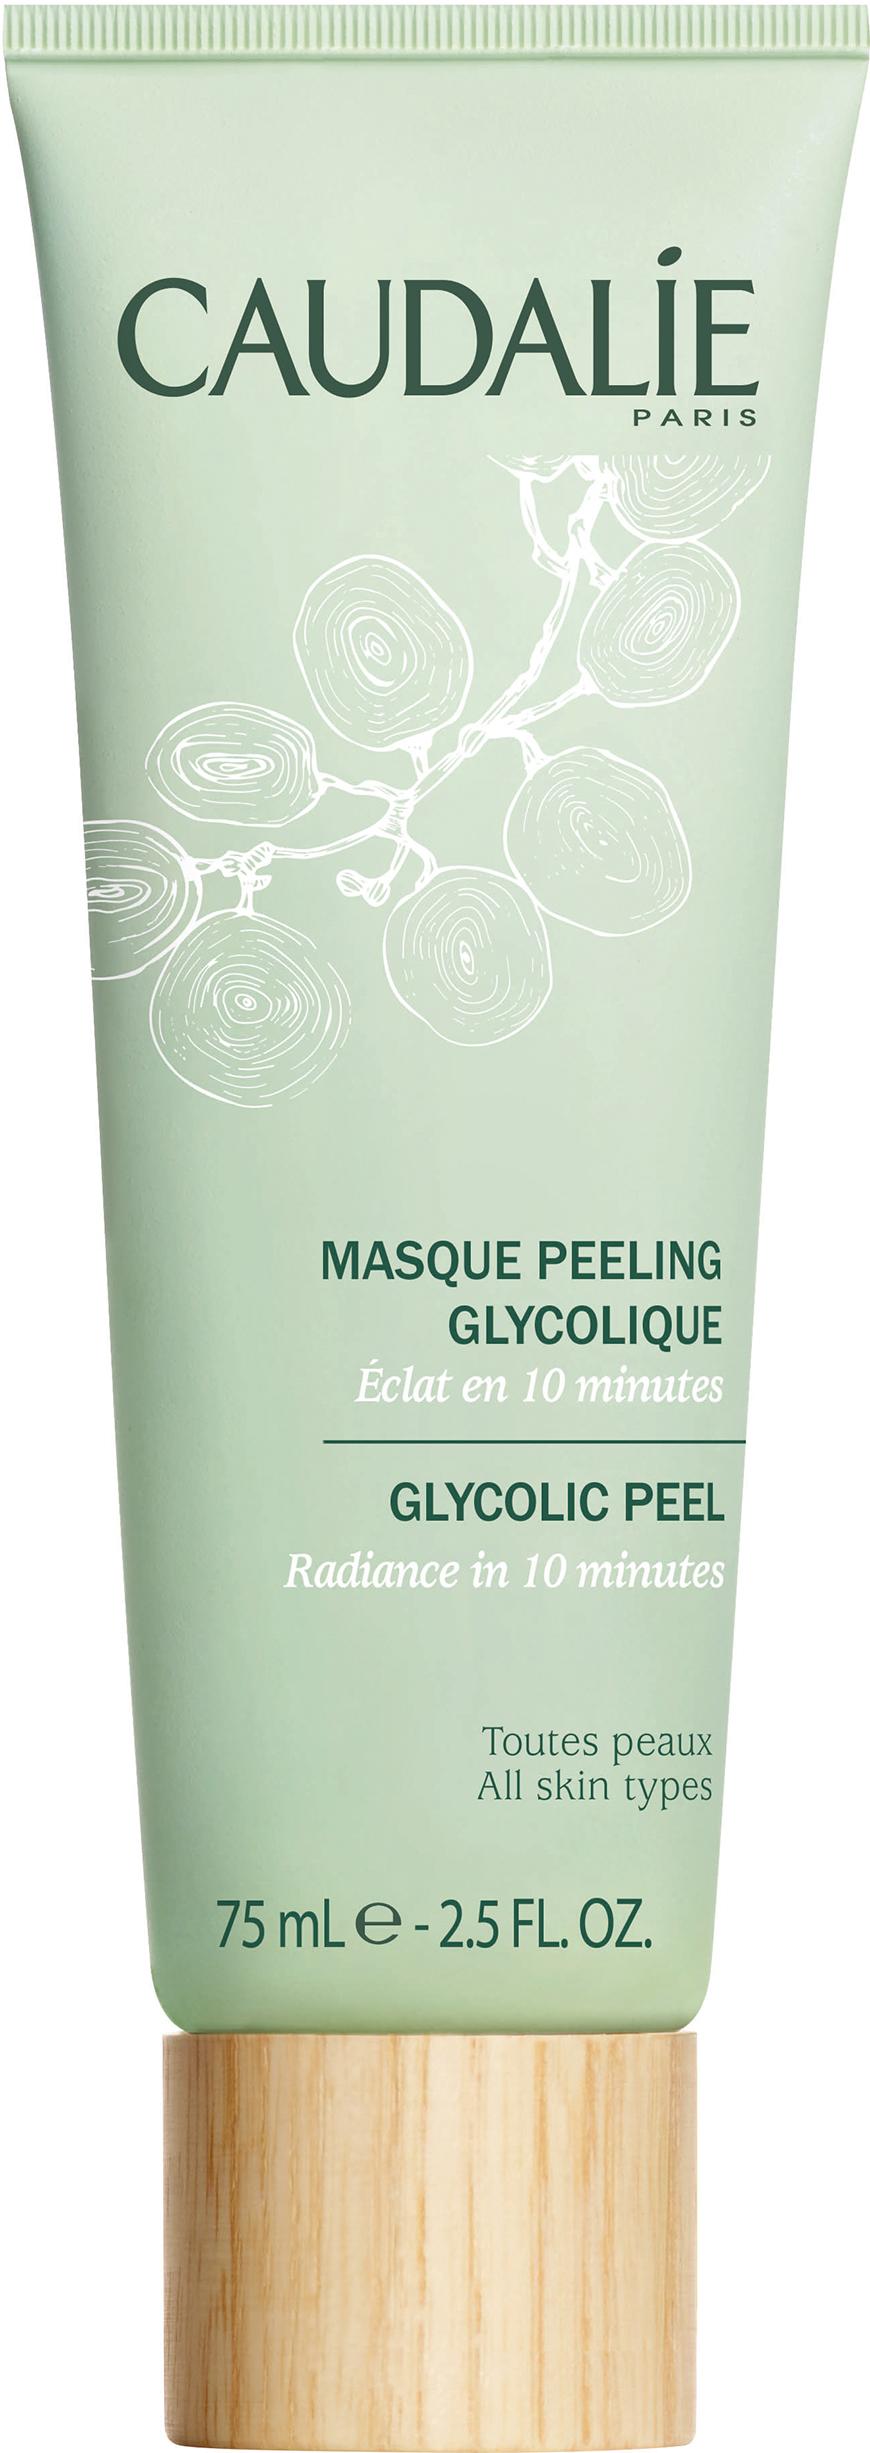 Caudalie - Glycolic Peel Mask 75 ml